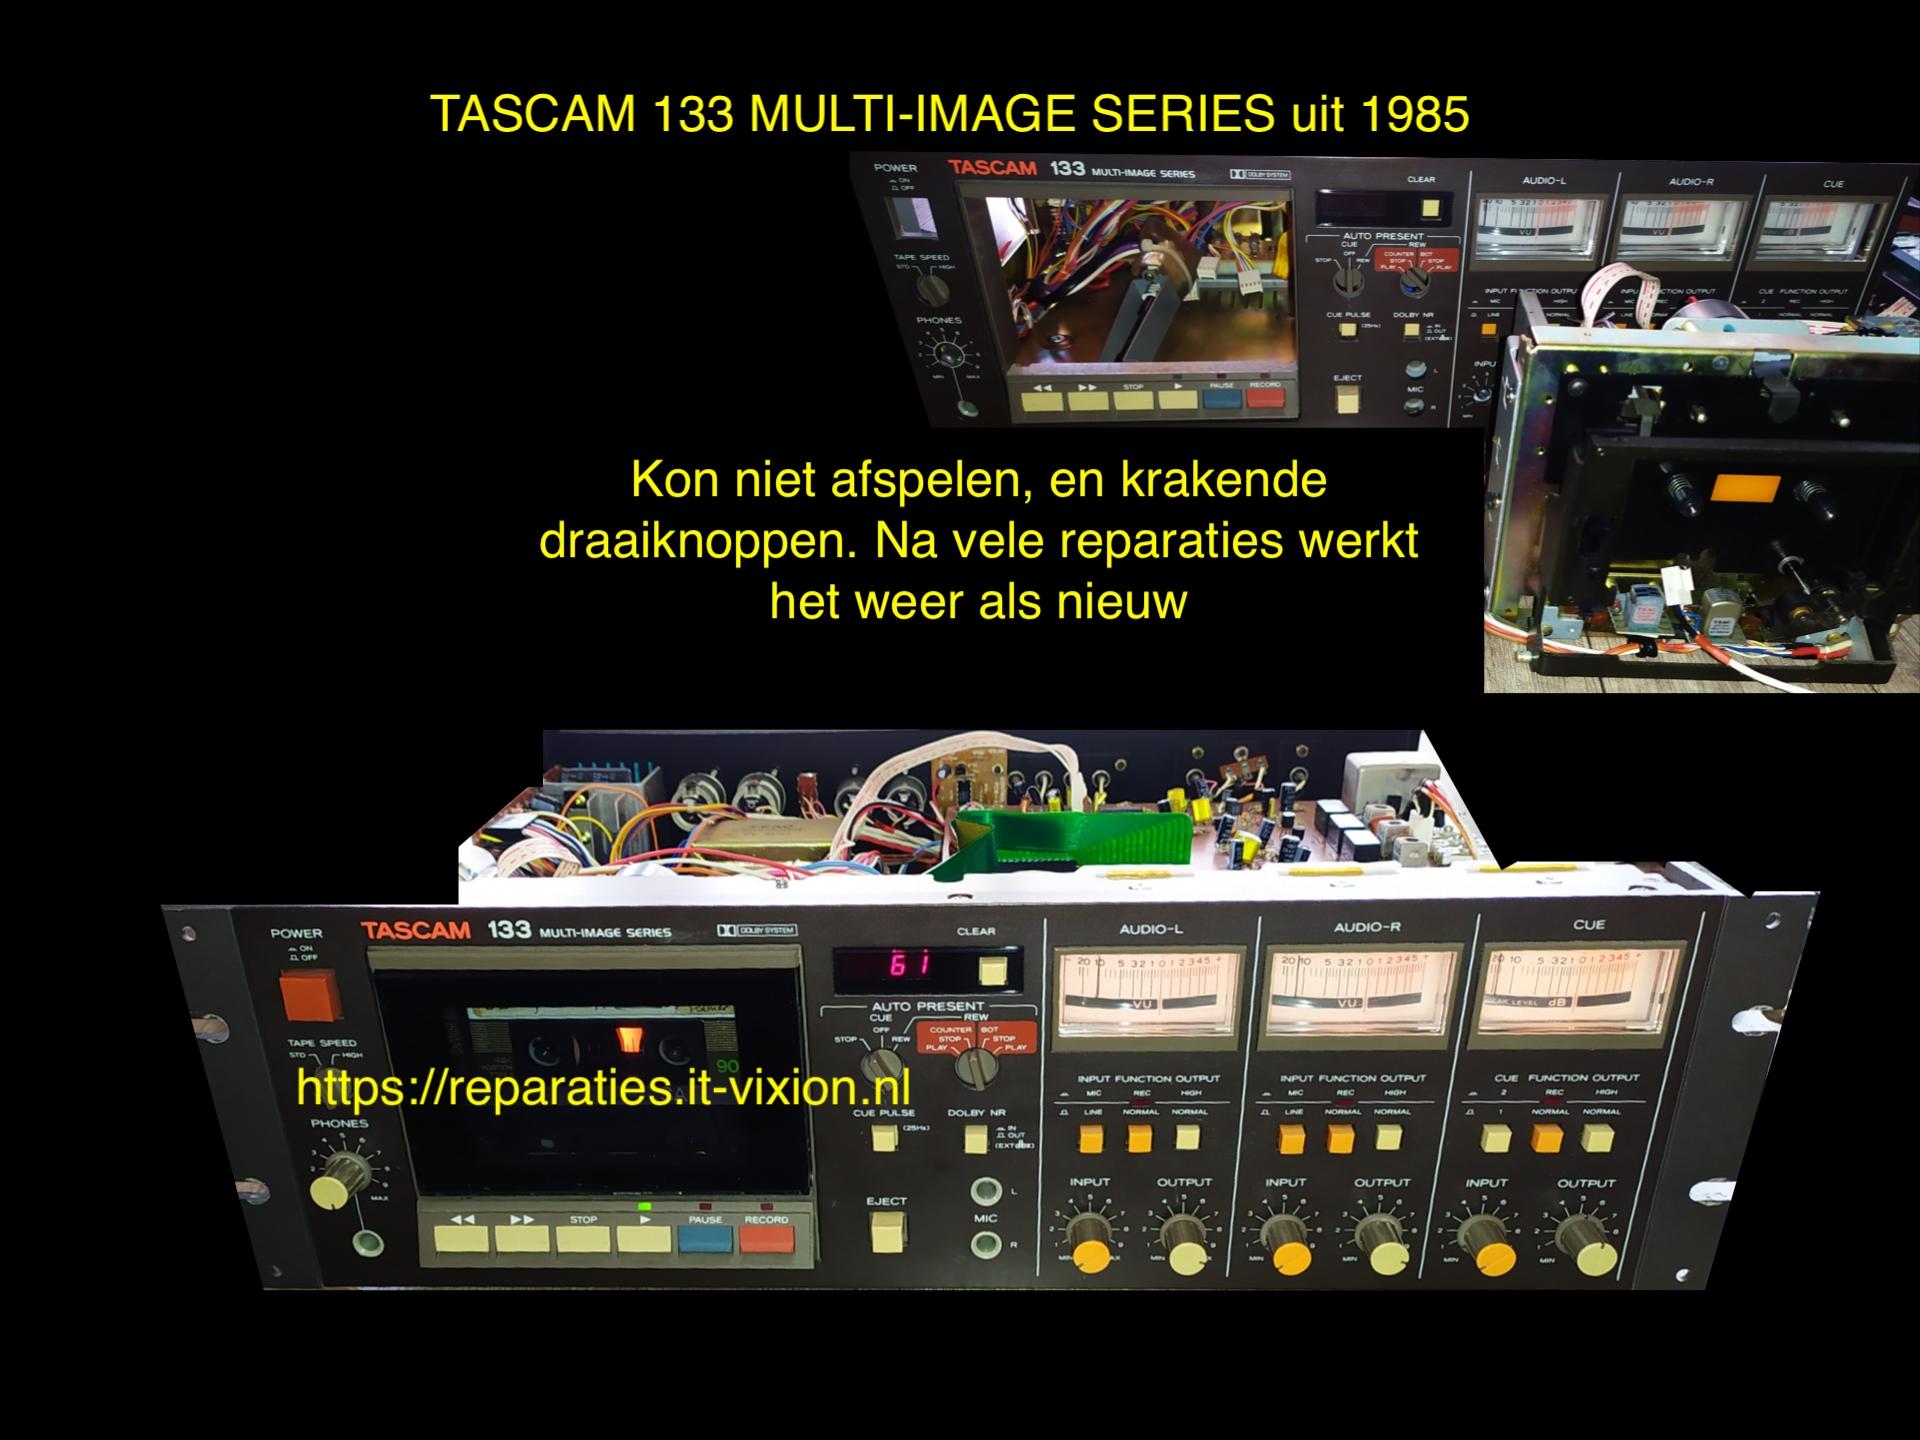 TASCM 133 uit 1985